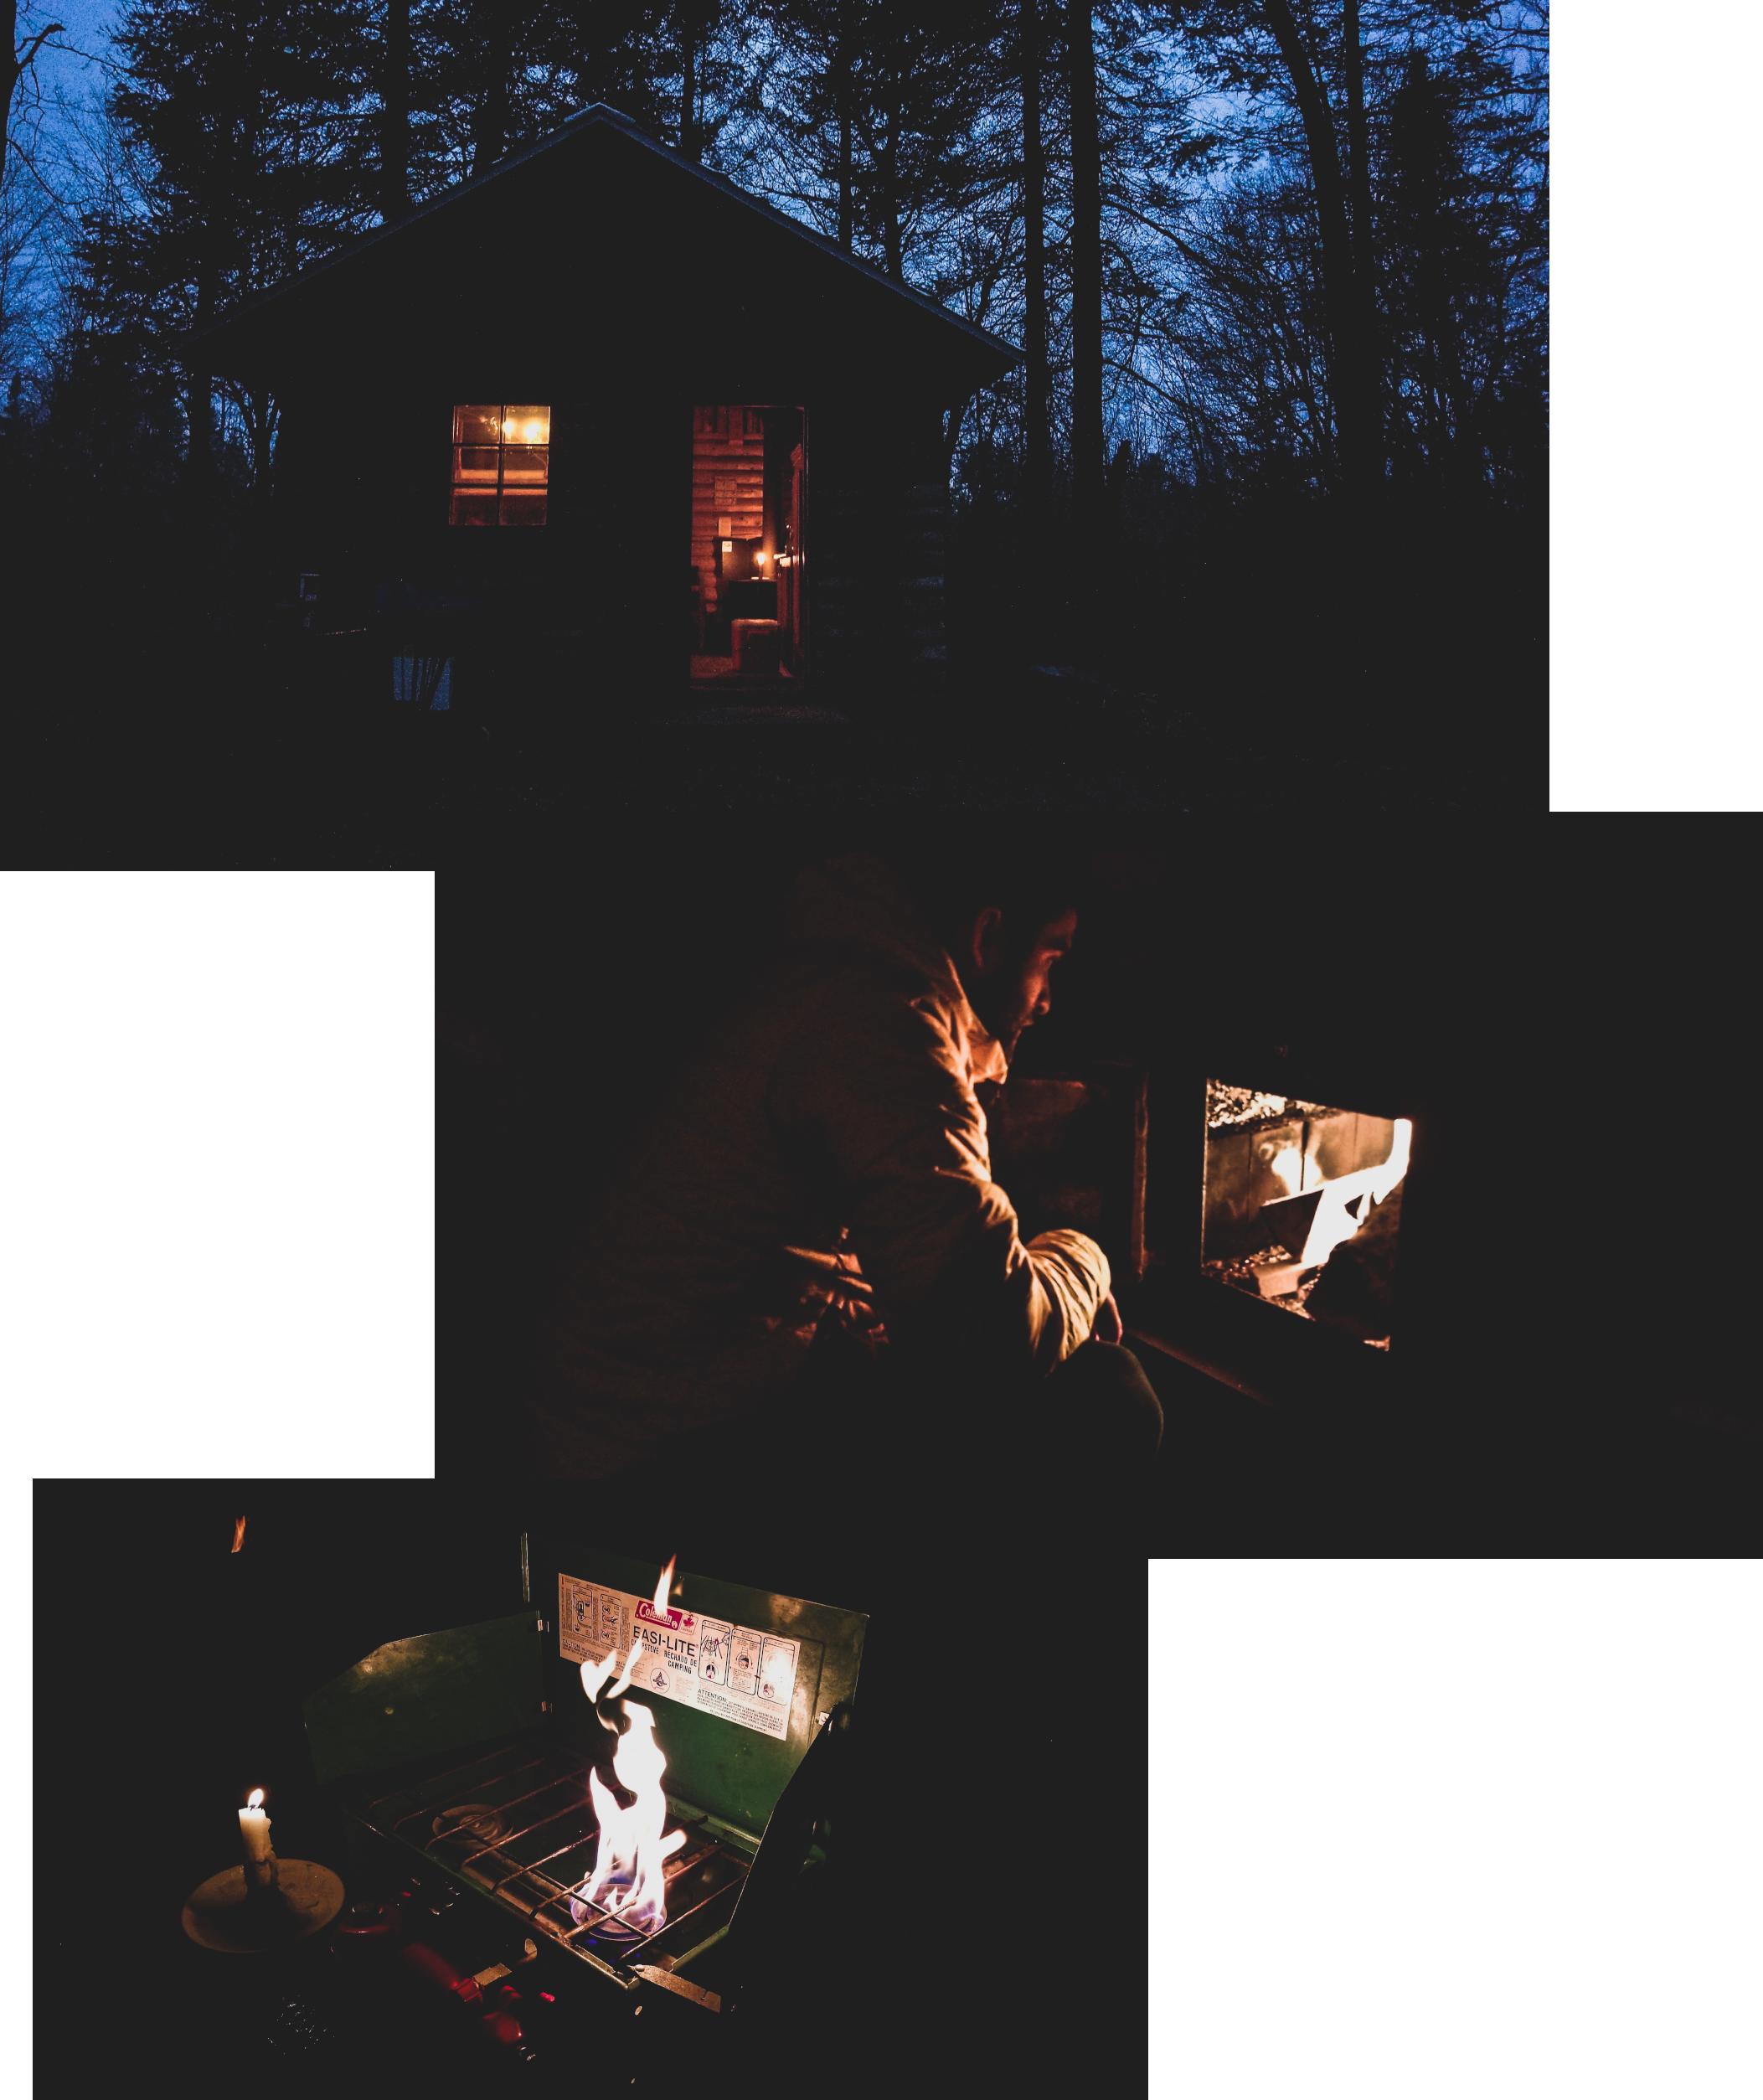 Entre Comes et Racines, la nuit, par Côté Hublot